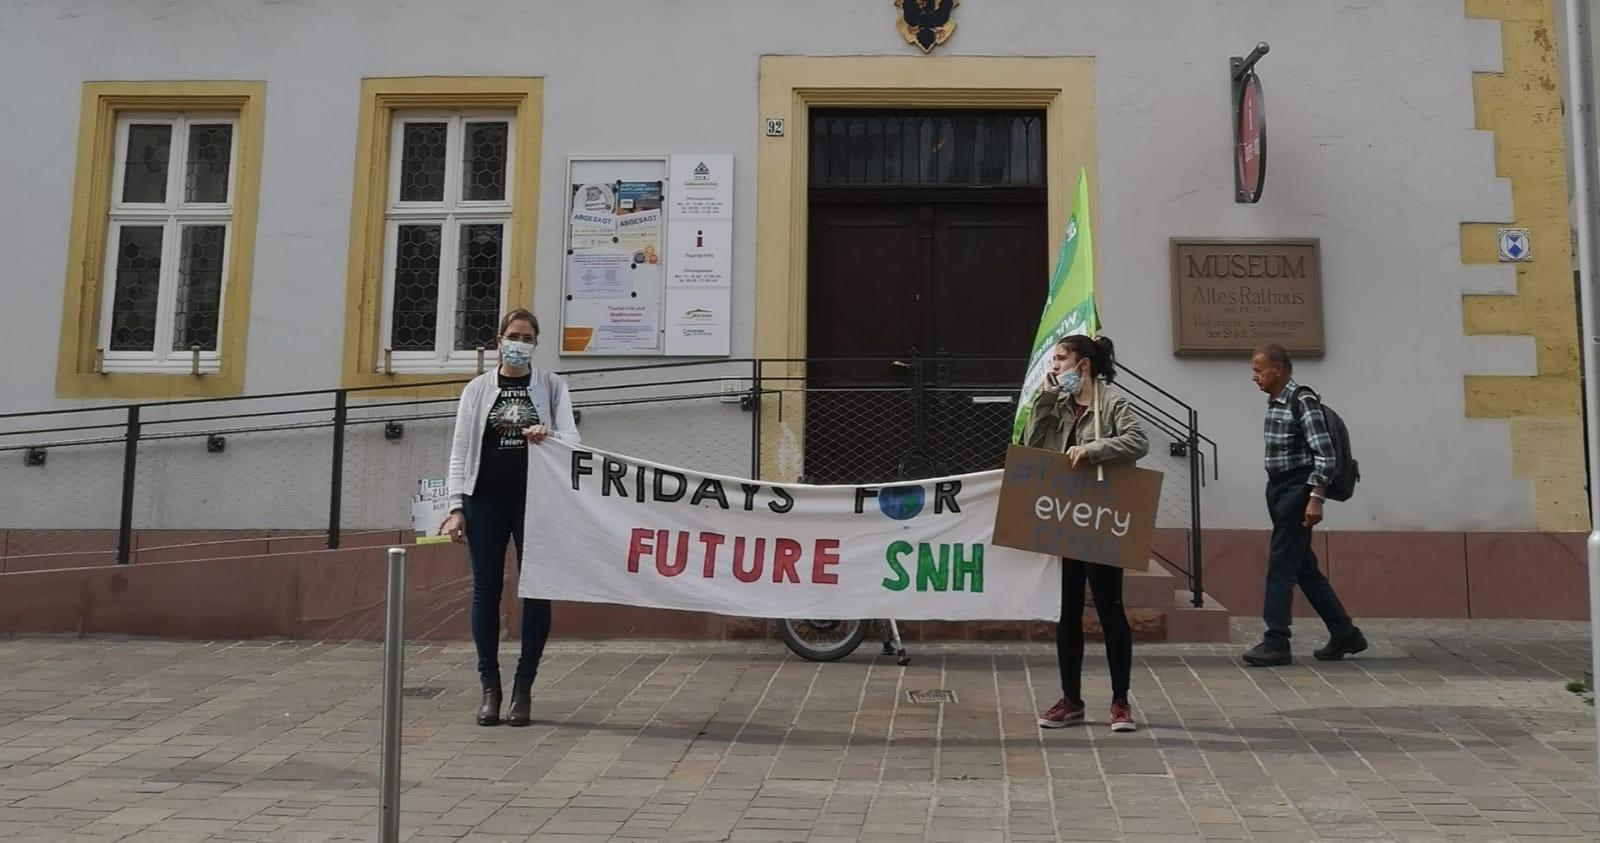 Yushka Brand und Clara T. vor dem Alten Rathaus in Sinsheim, Mahnwache für Klimagerechtigkeit